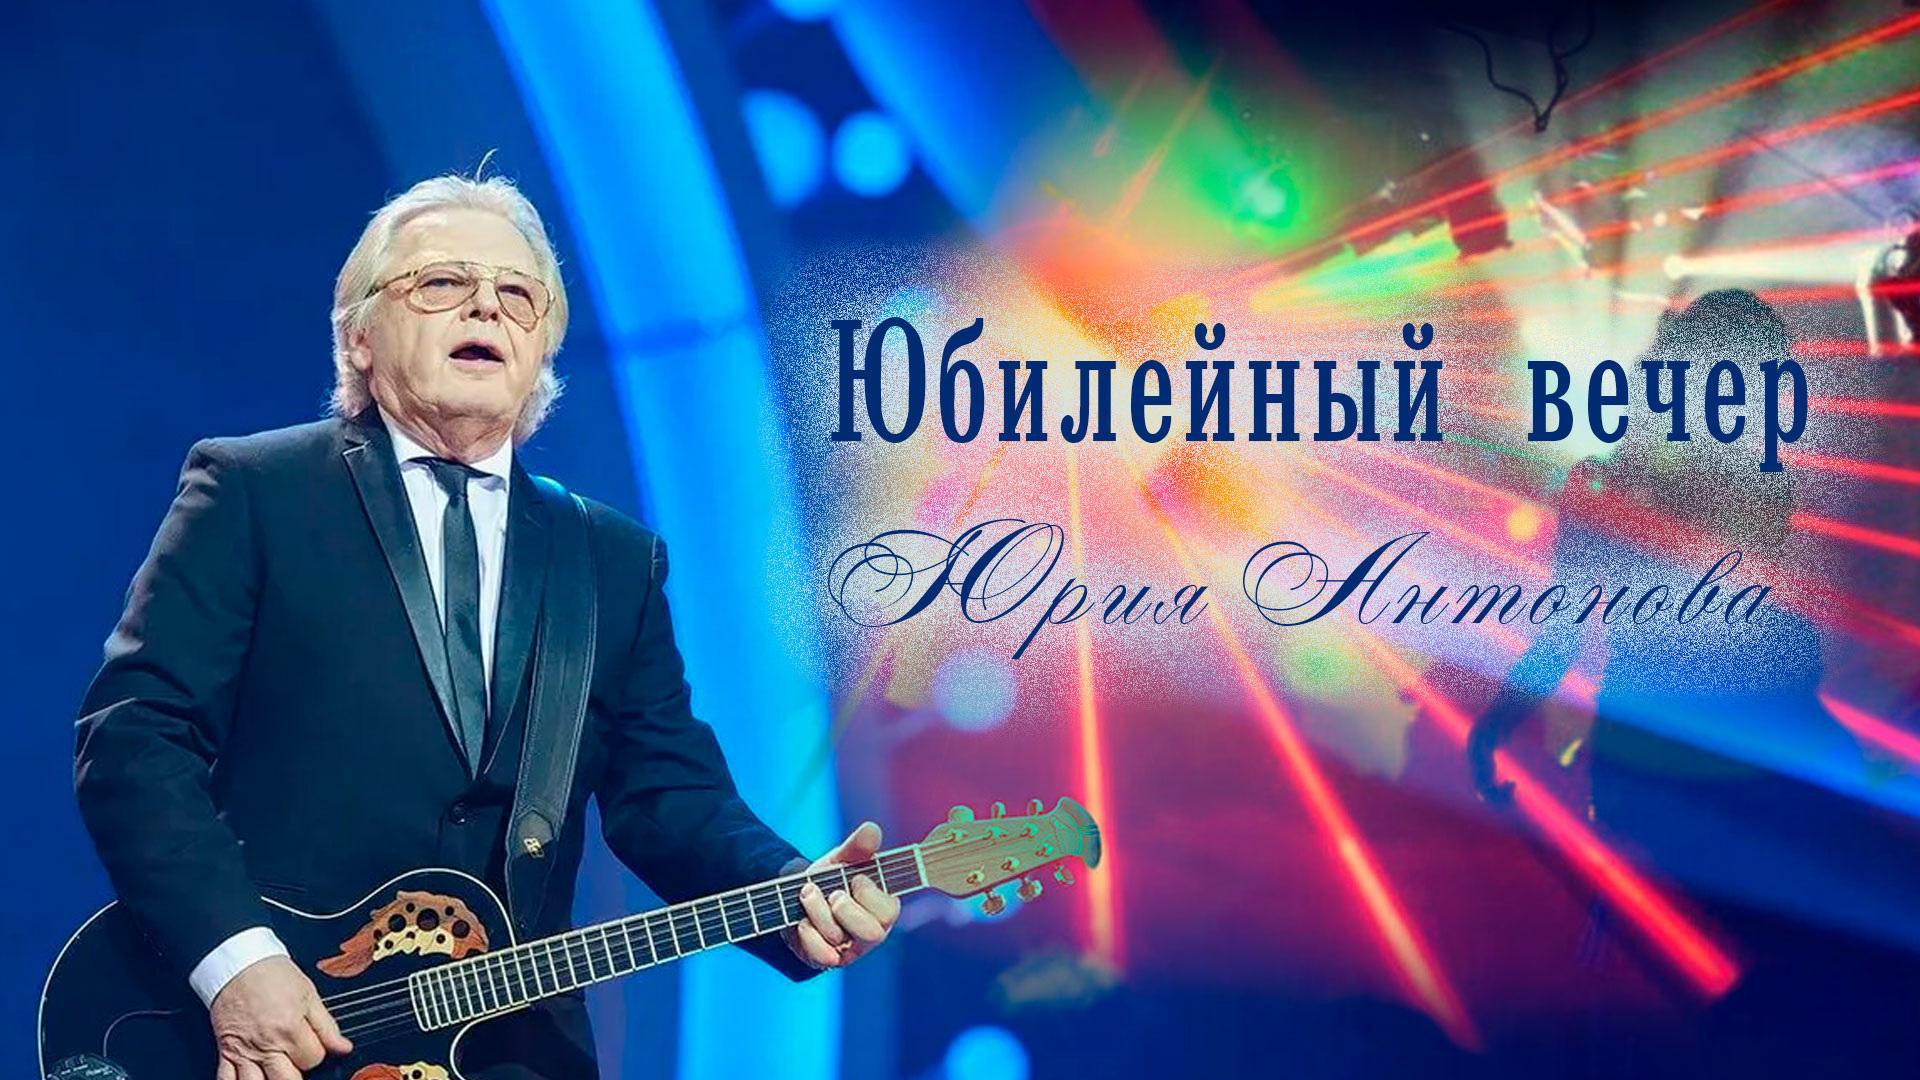 Юбилейный вечер Юрия Антонова